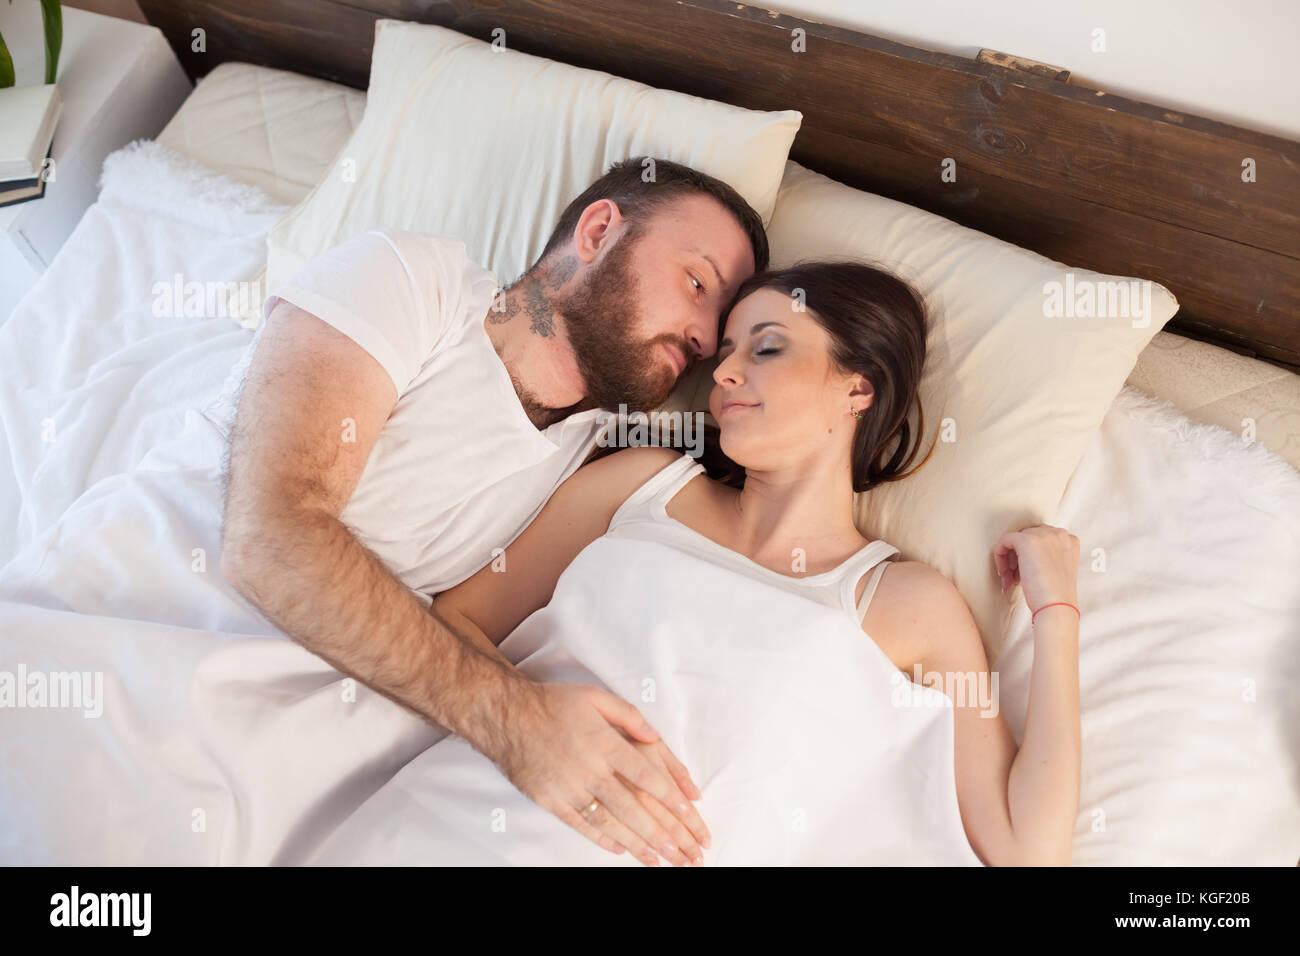 El hombre despierta a una mujer en el dormitorio en el fin de semana por la mañana Foto de stock